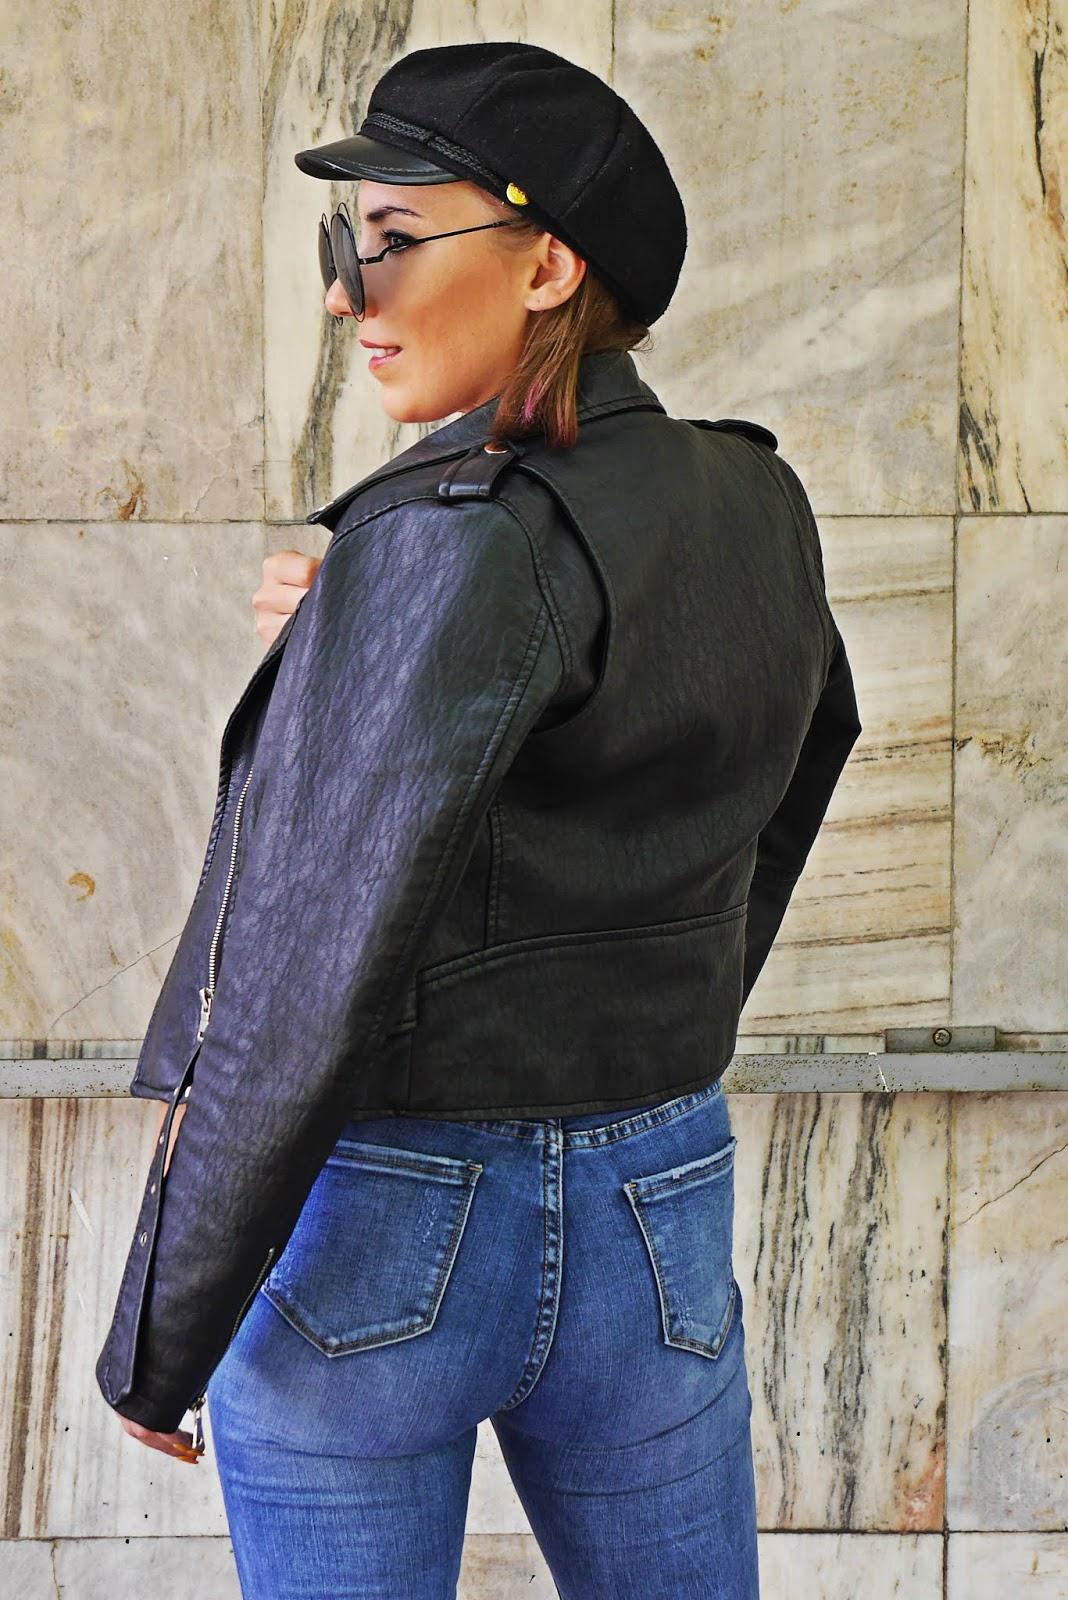 czarna ramoneska niebieskie spodnie jeansowe czapka maciejówka karyn blog modowy